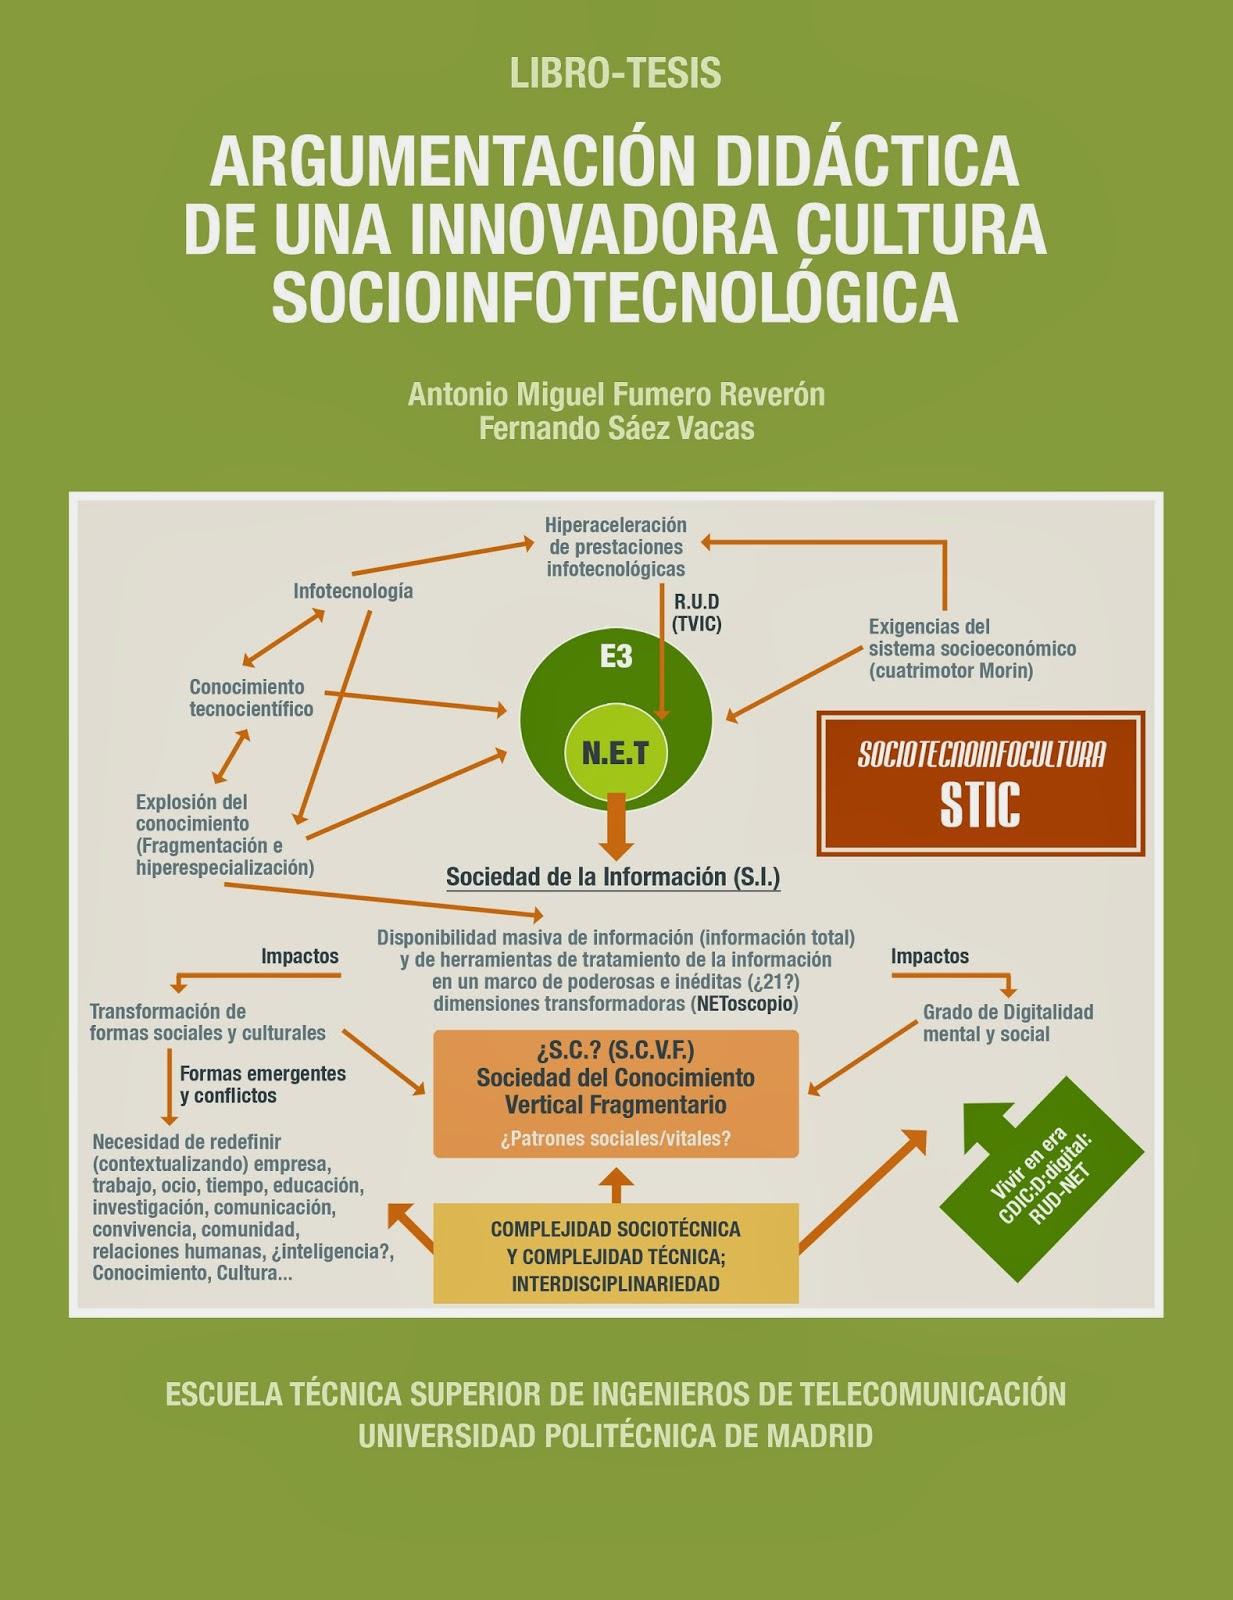 Argumentación didáctica de una Innovadora Cultura Socioinfotecnológica